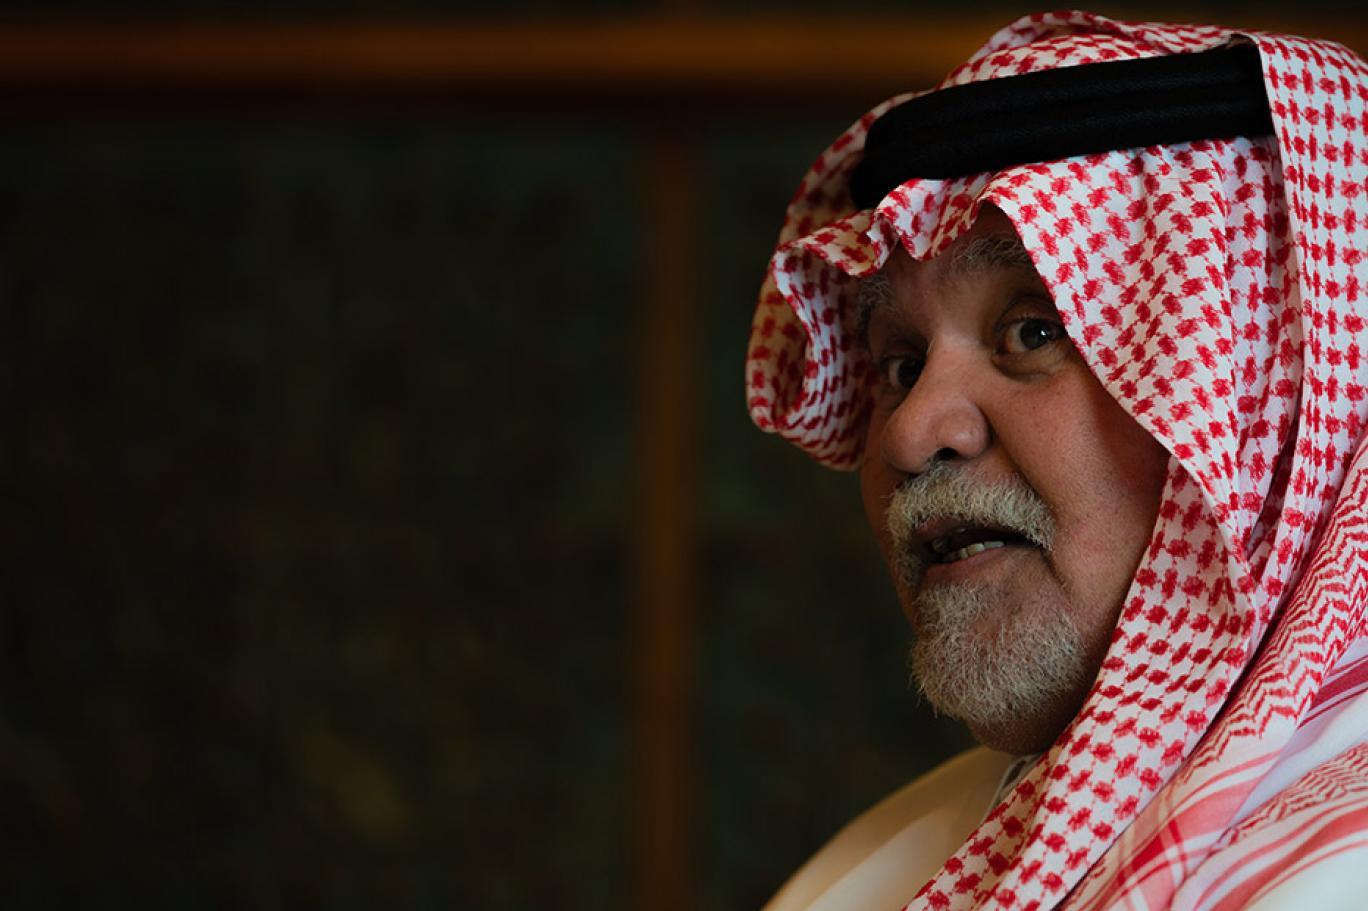 بندر بن سلطان حمد بن جاسم خبير نصف الحقيقة وسياسات أوباما جر أت روسيا وإيران على التدخل في سوريا اندبندنت عربية